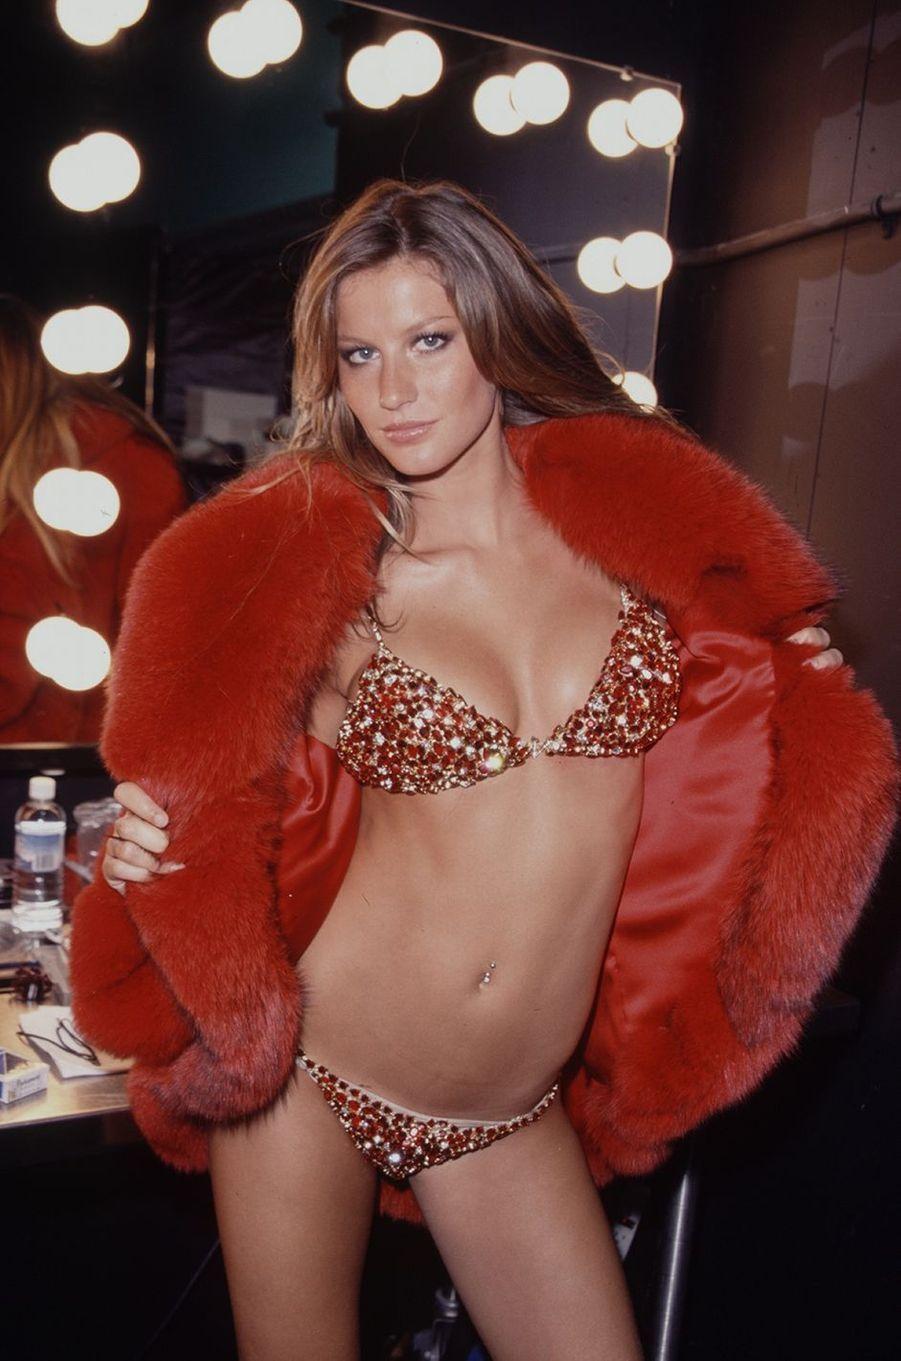 Gisele Bündchen portant le Red Hot Fantasy Bra, un soutien-gorge à 15 millions de dollars, pour Victoria's Secret, en 2000